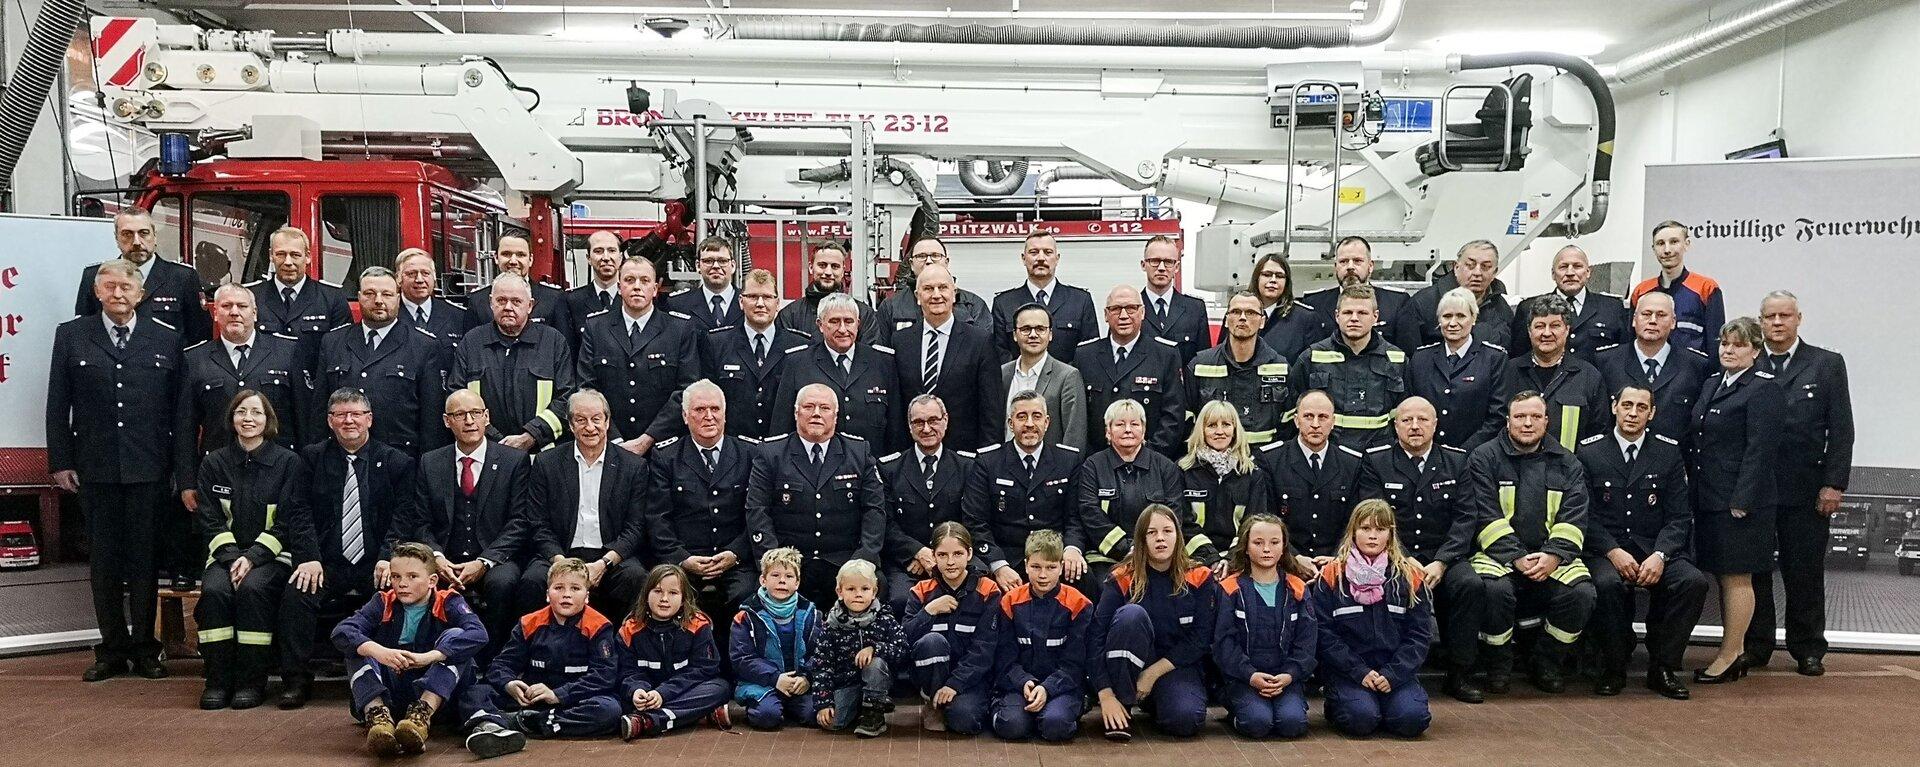 Gruppenbild mit dem Ministerpräsidenten Dietmar Woidke und den Wehrführern der Ortsfeuerwehren im Dezember 2019. Foto: Beate Vogel